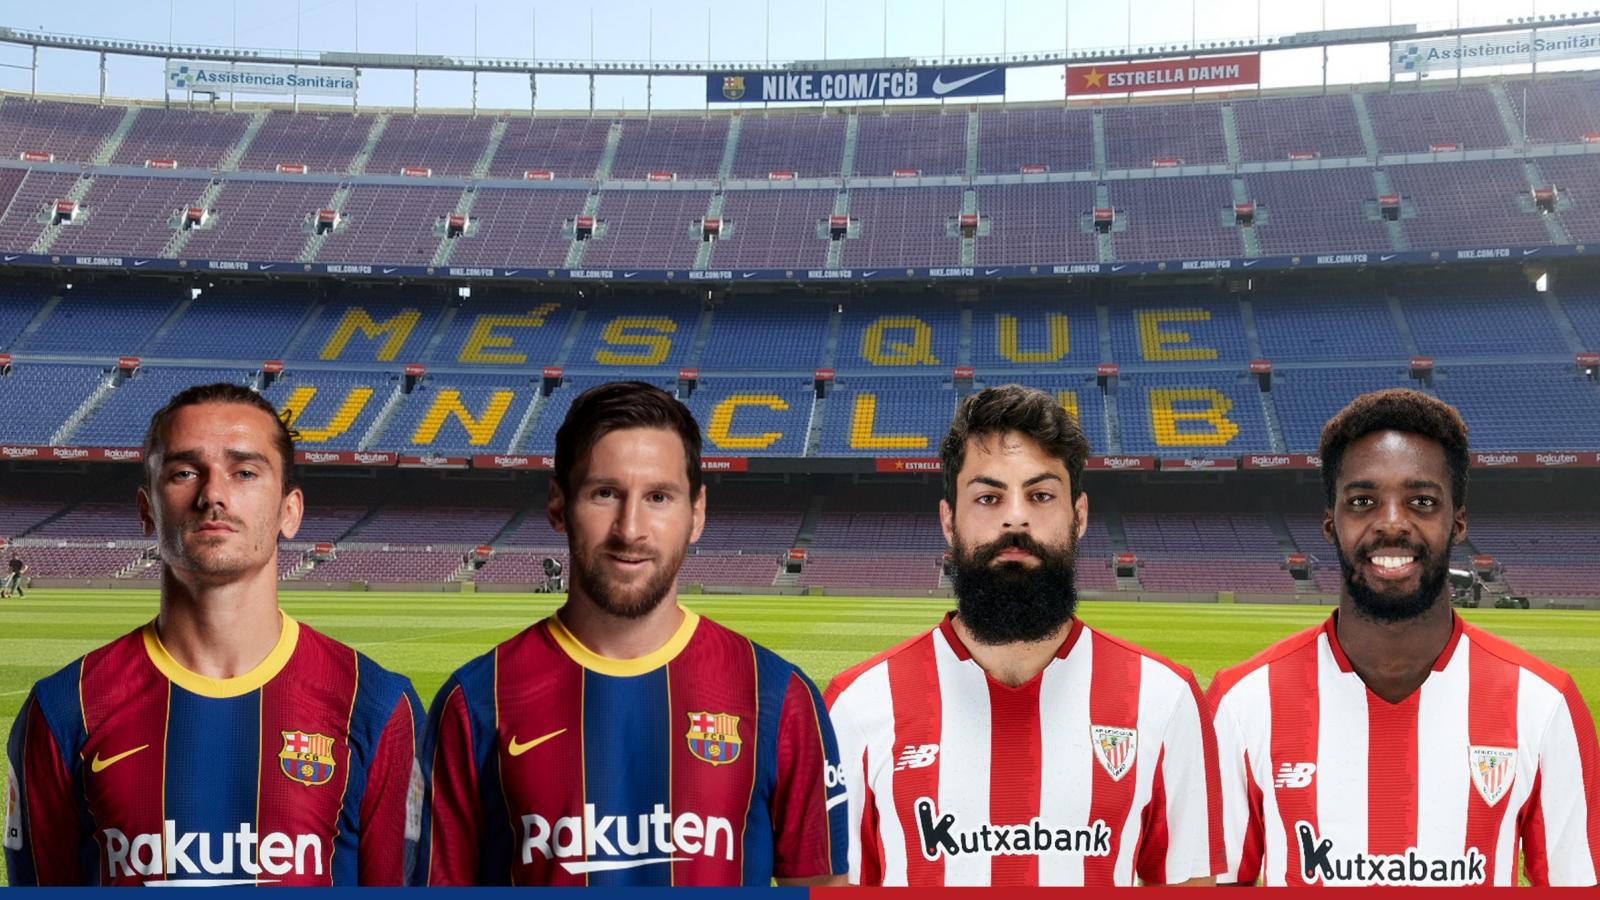 Dự đoán tỷ số, đội hình xuất phát trận Barca - Athletic Bilbao